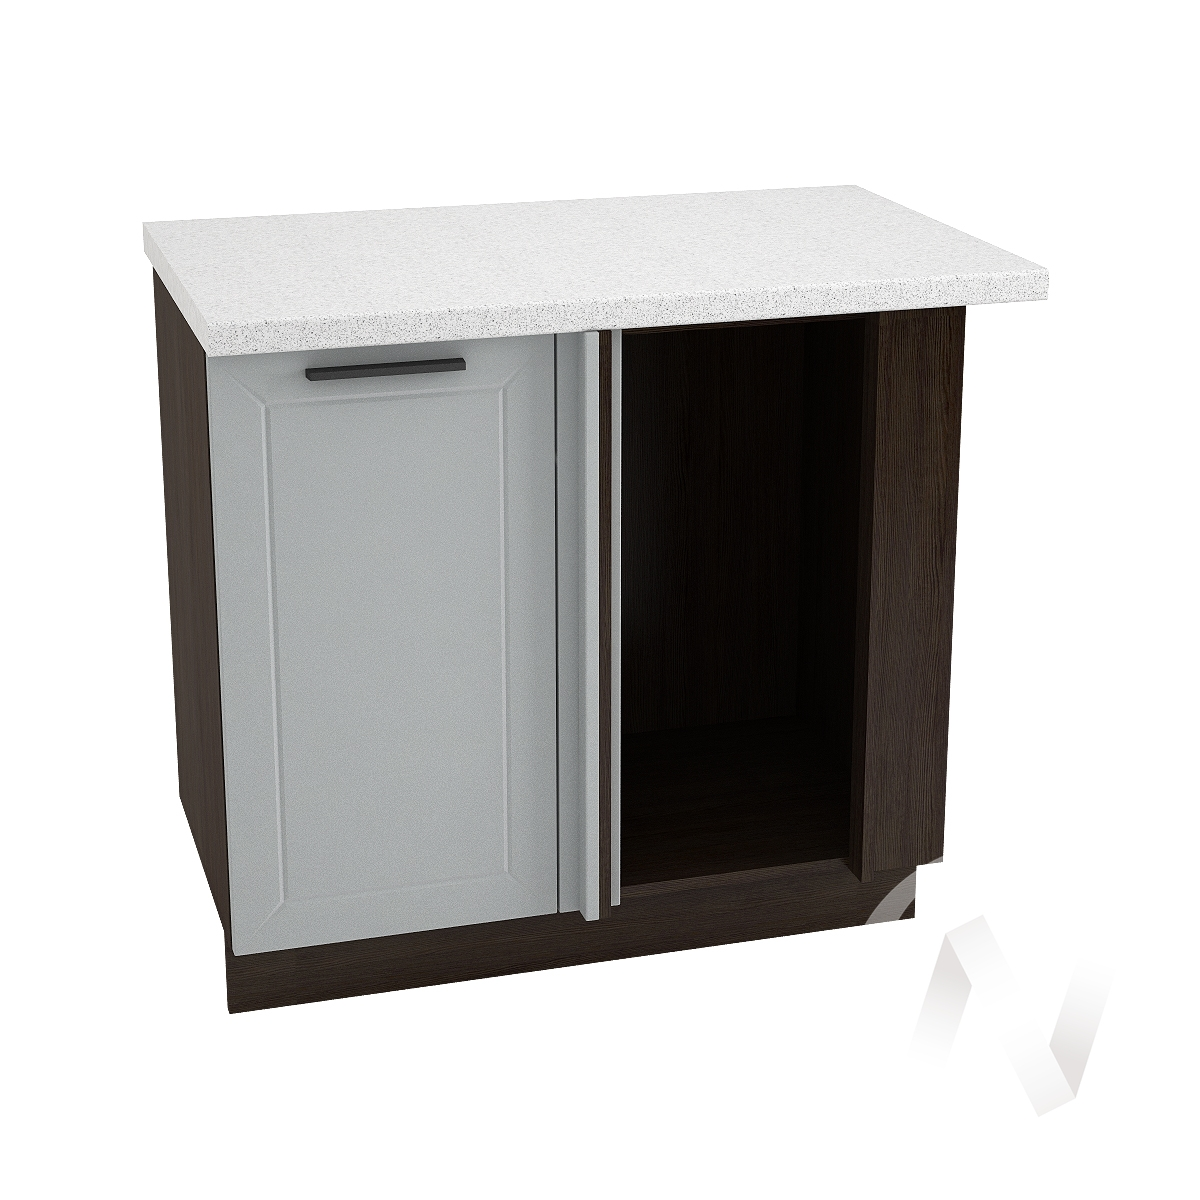 """Кухня """"Глетчер"""": Шкаф нижний угловой 990М, ШНУ 990М (Гейнсборо Силк/корпус венге)"""